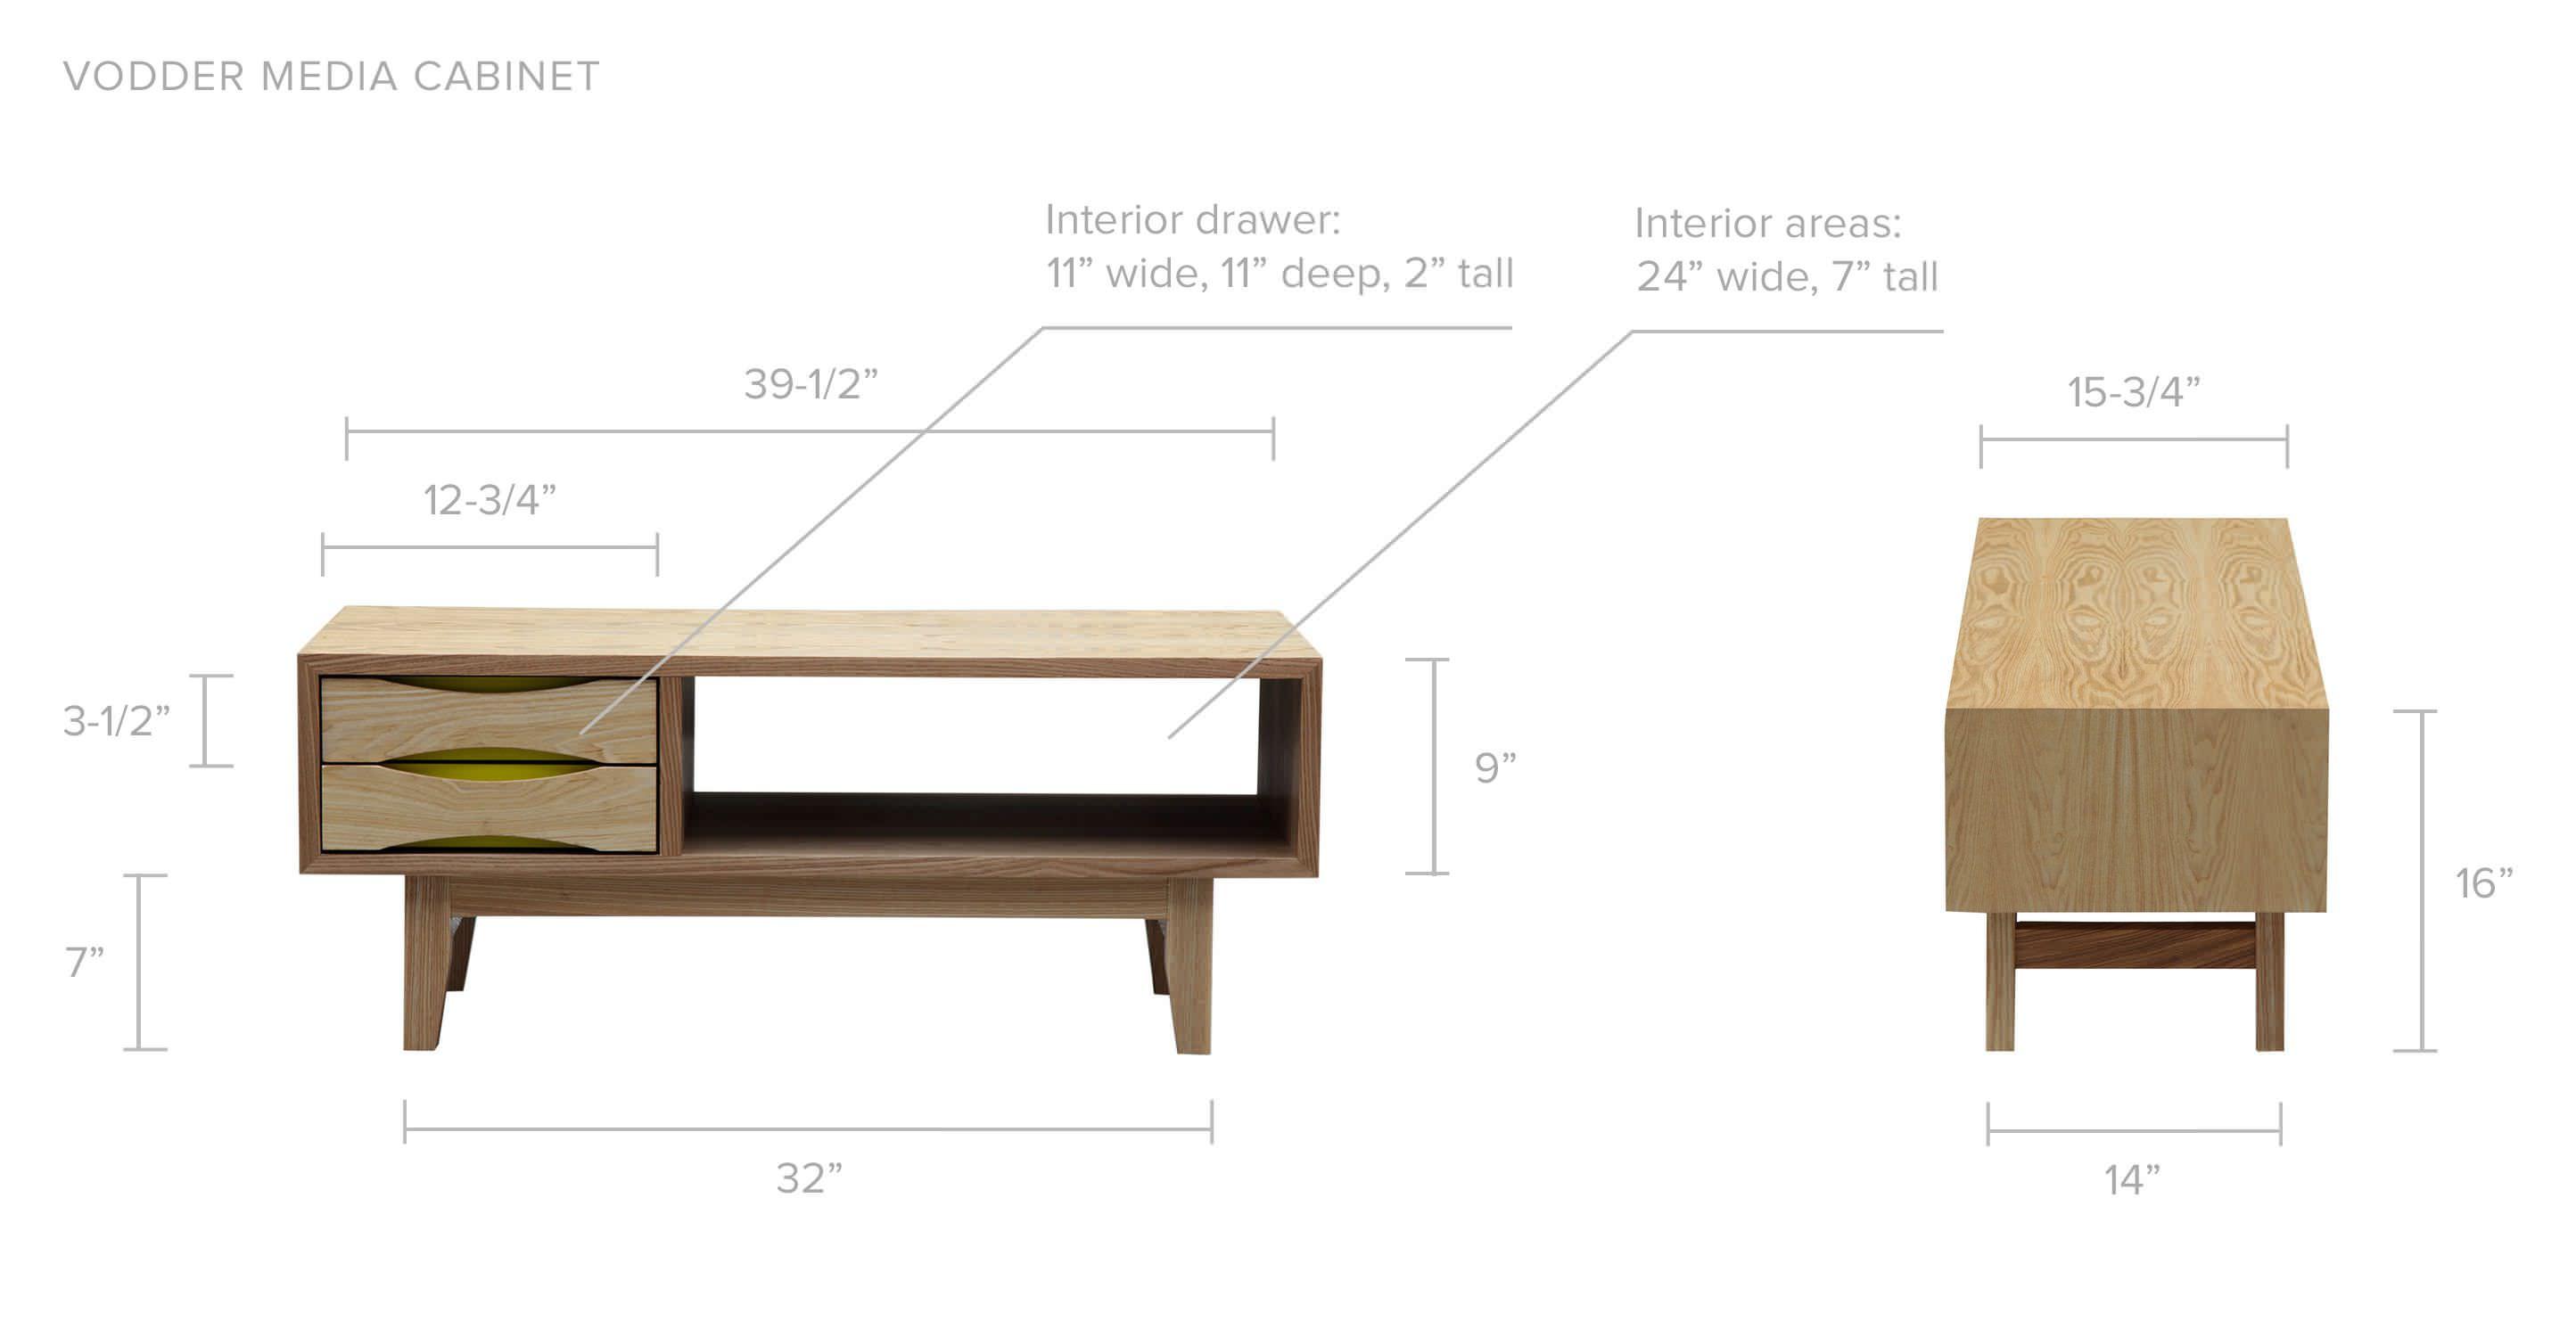 drawings-vodder-media.jpg